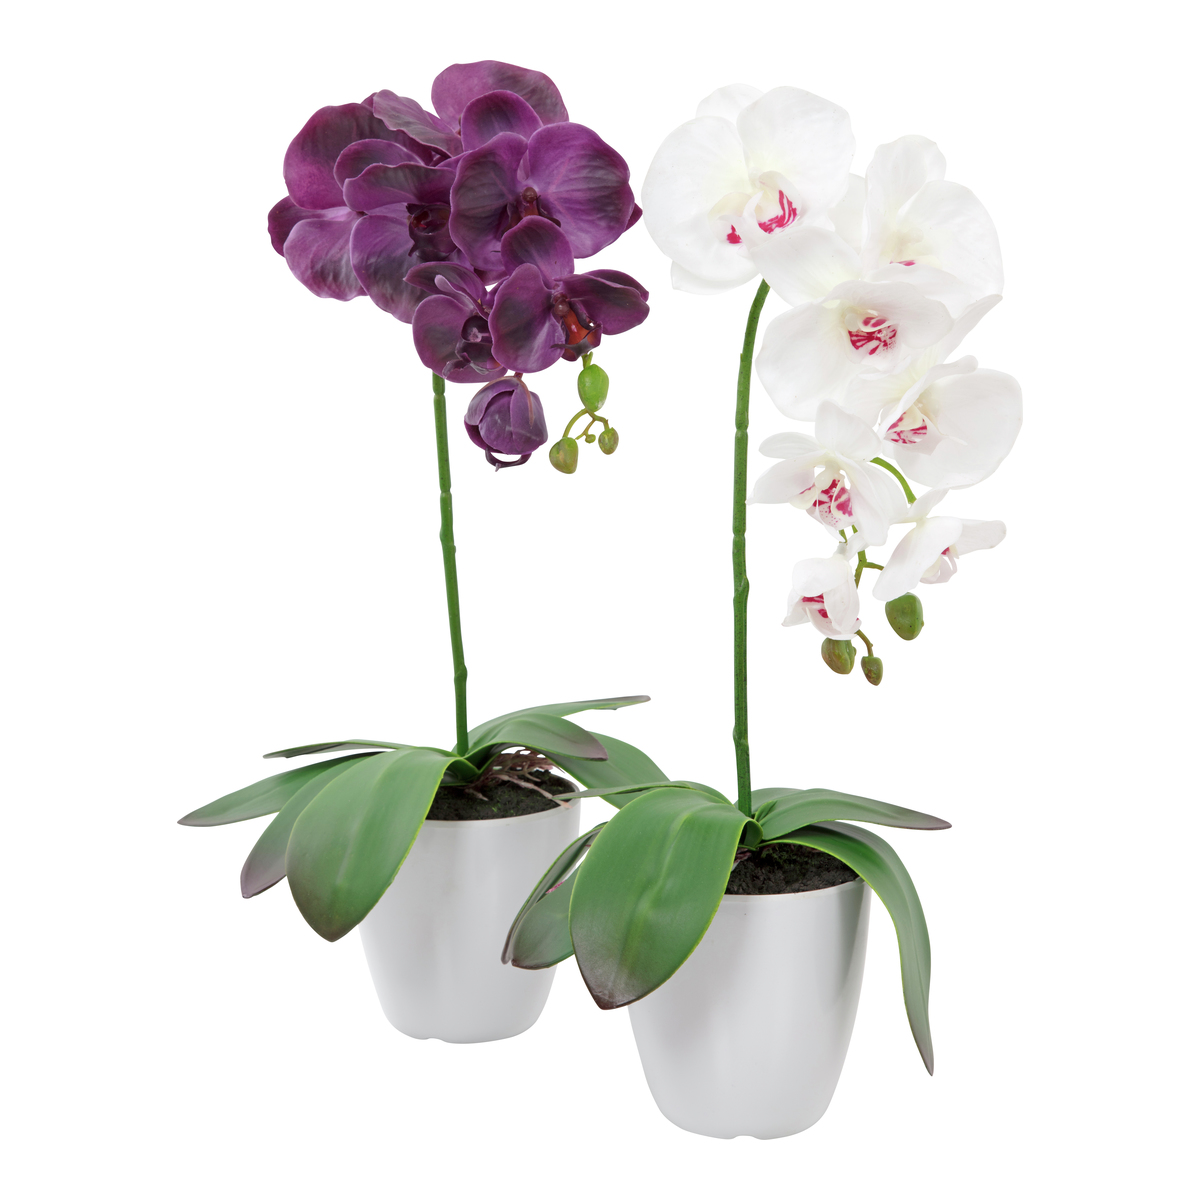 Orkide i potte-BLO1980